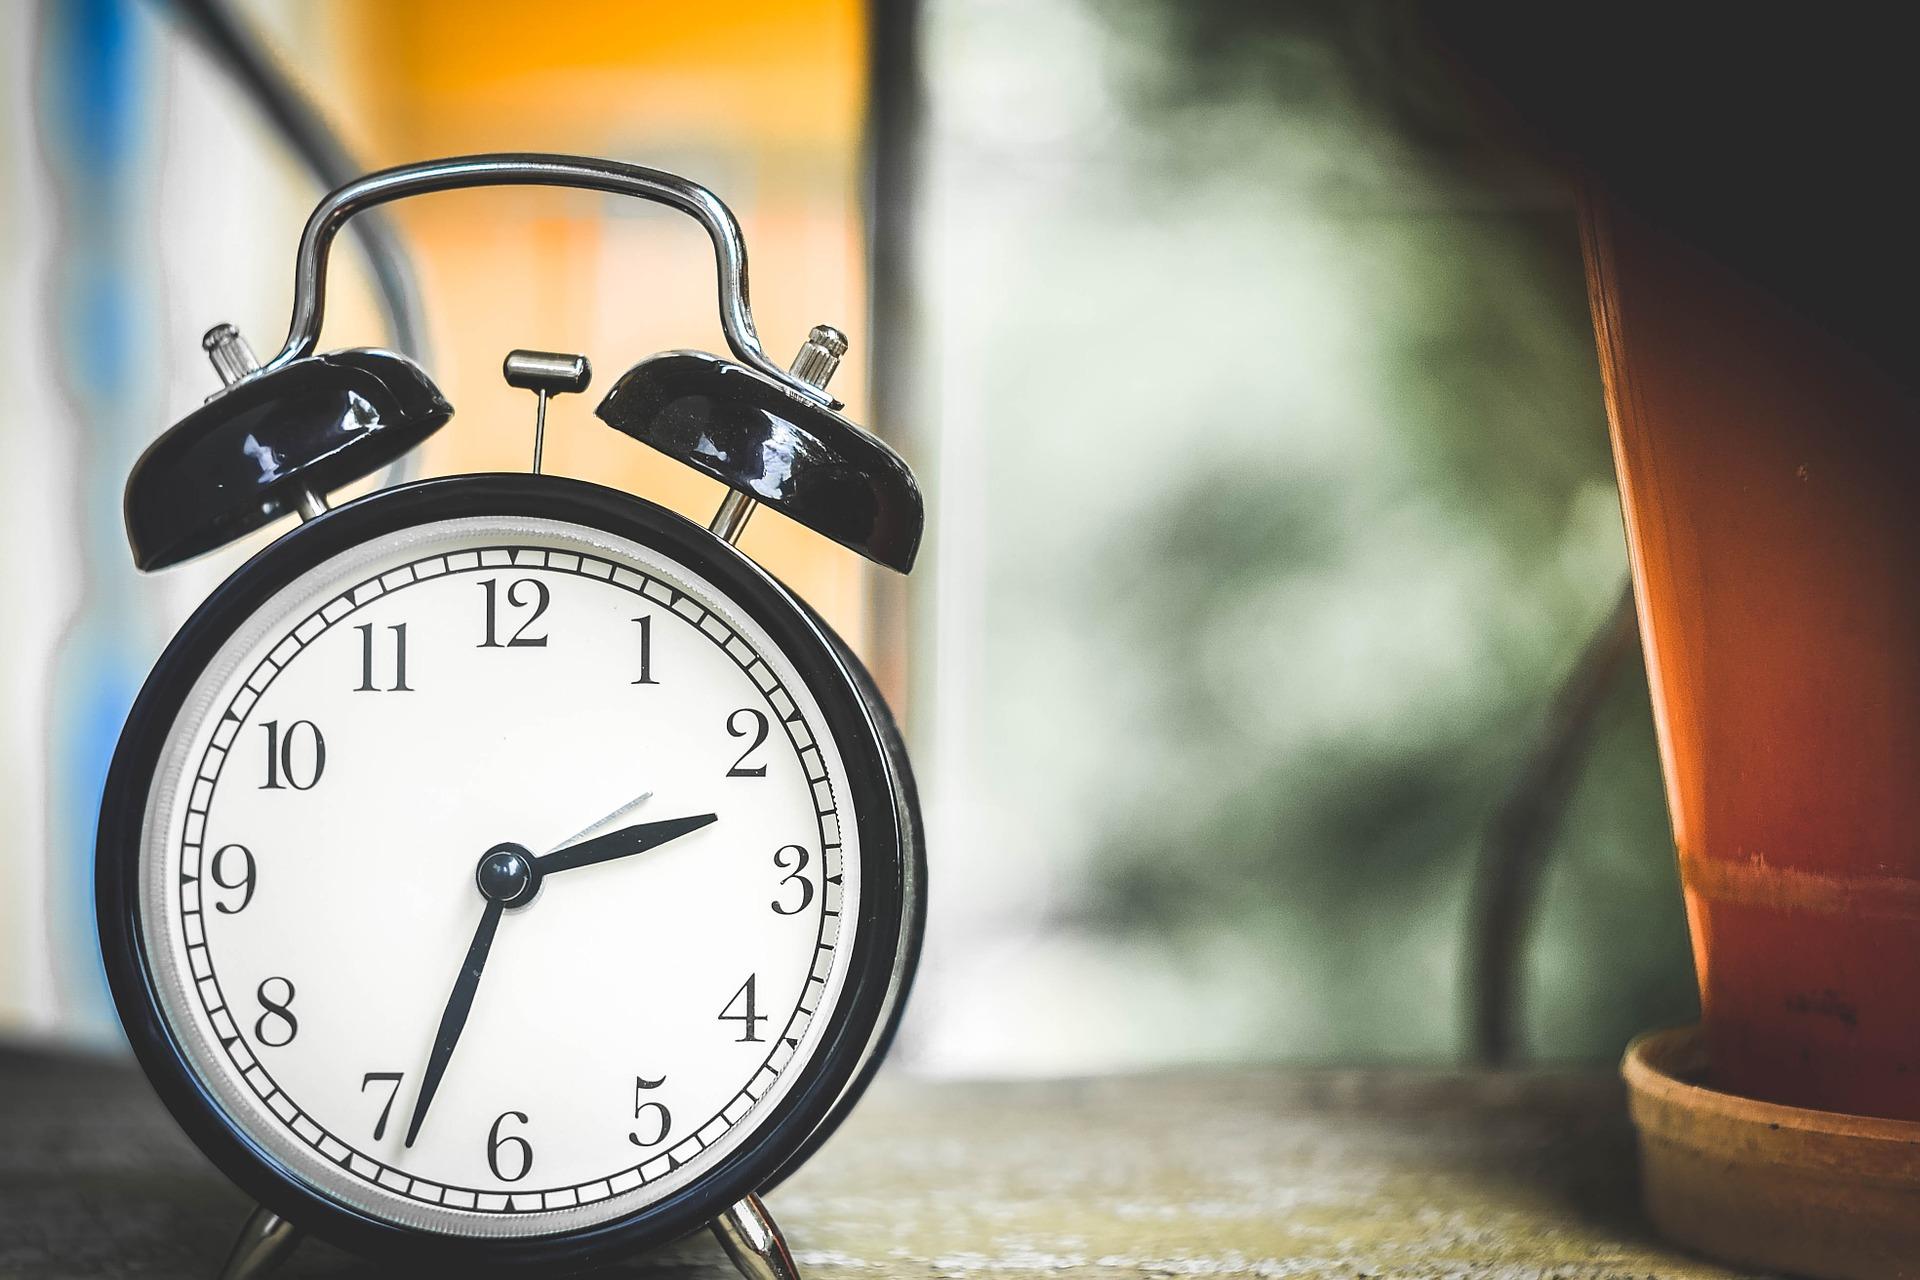 上手に時間を管理するための「時間管理マトリクス」。